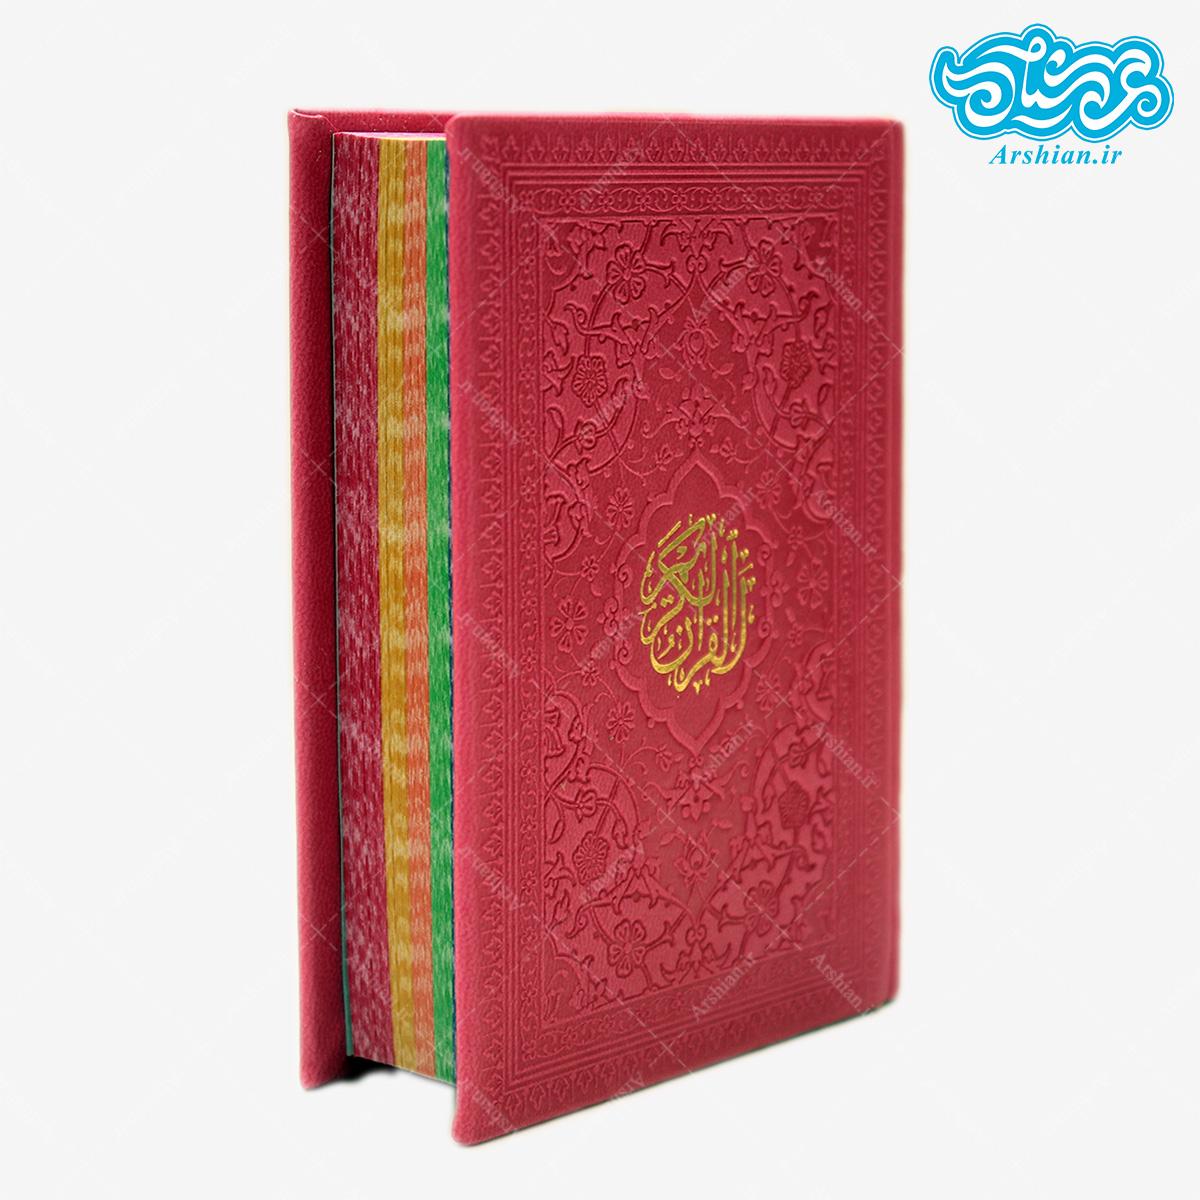 قرآن جیبی صفحه رنگی